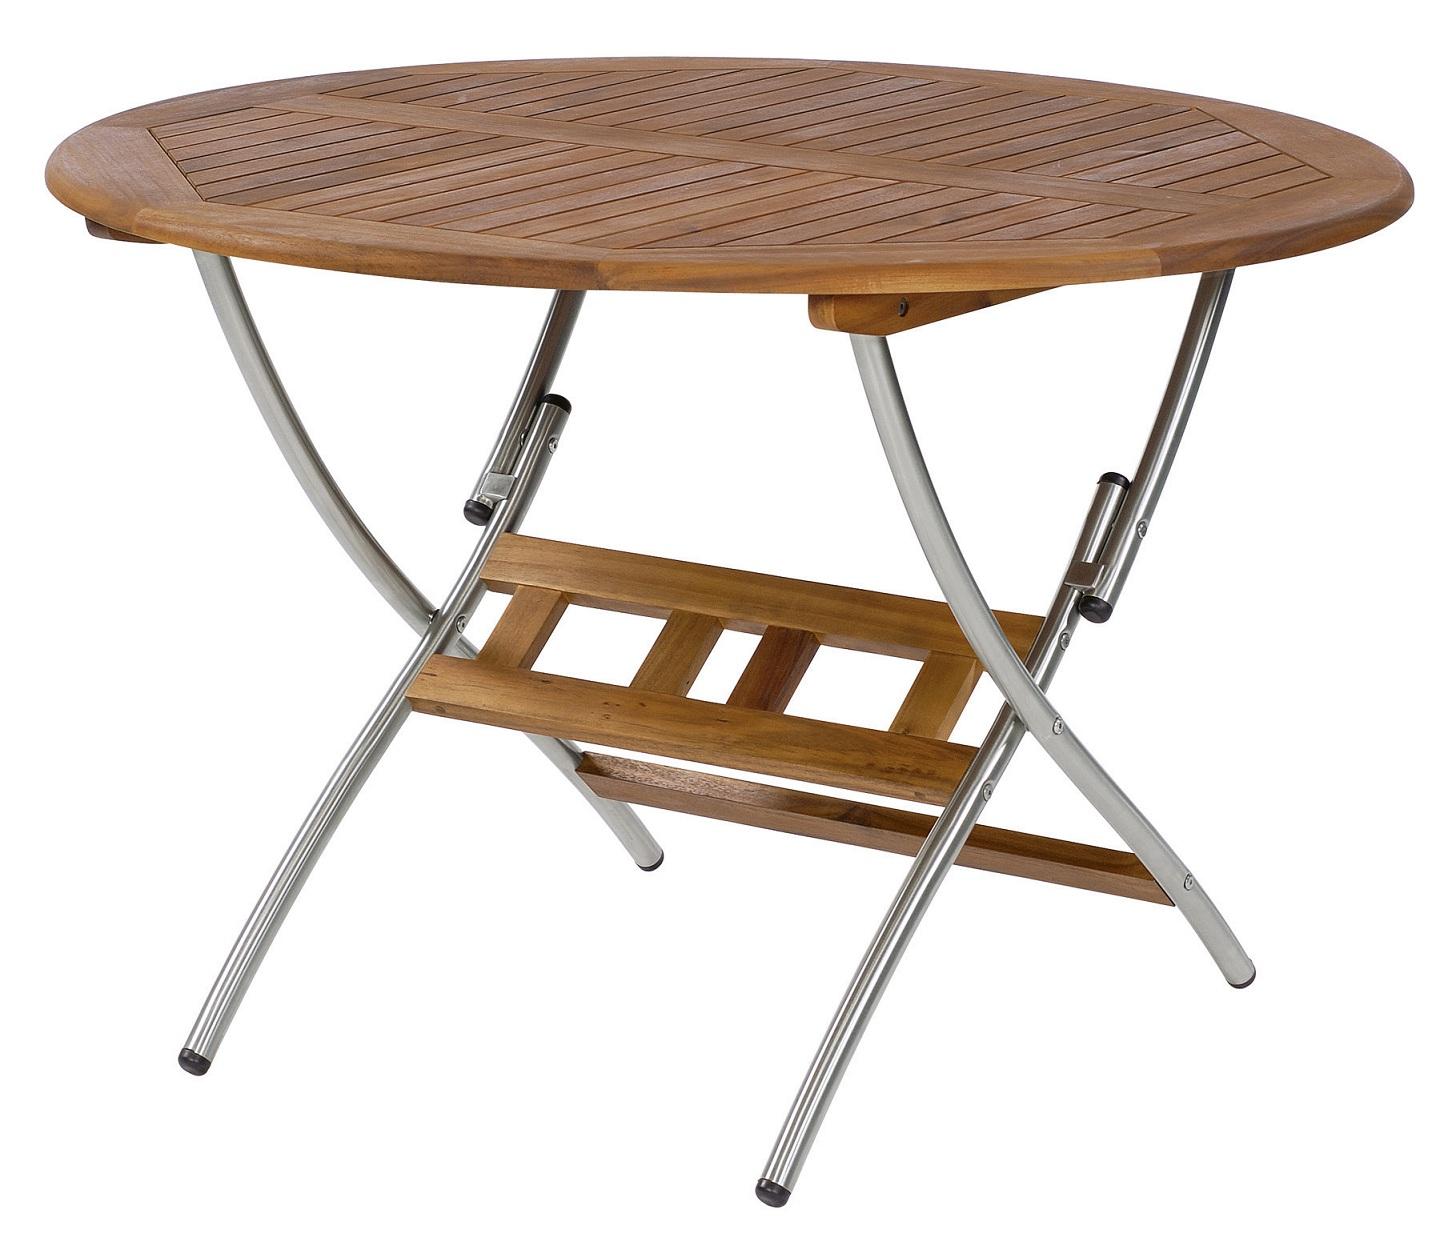 Gartentisch rund 80 cm durchmesser holz die neuesten innenarchitekturideen - Gartentisch rund 150 cm durchmesser ...